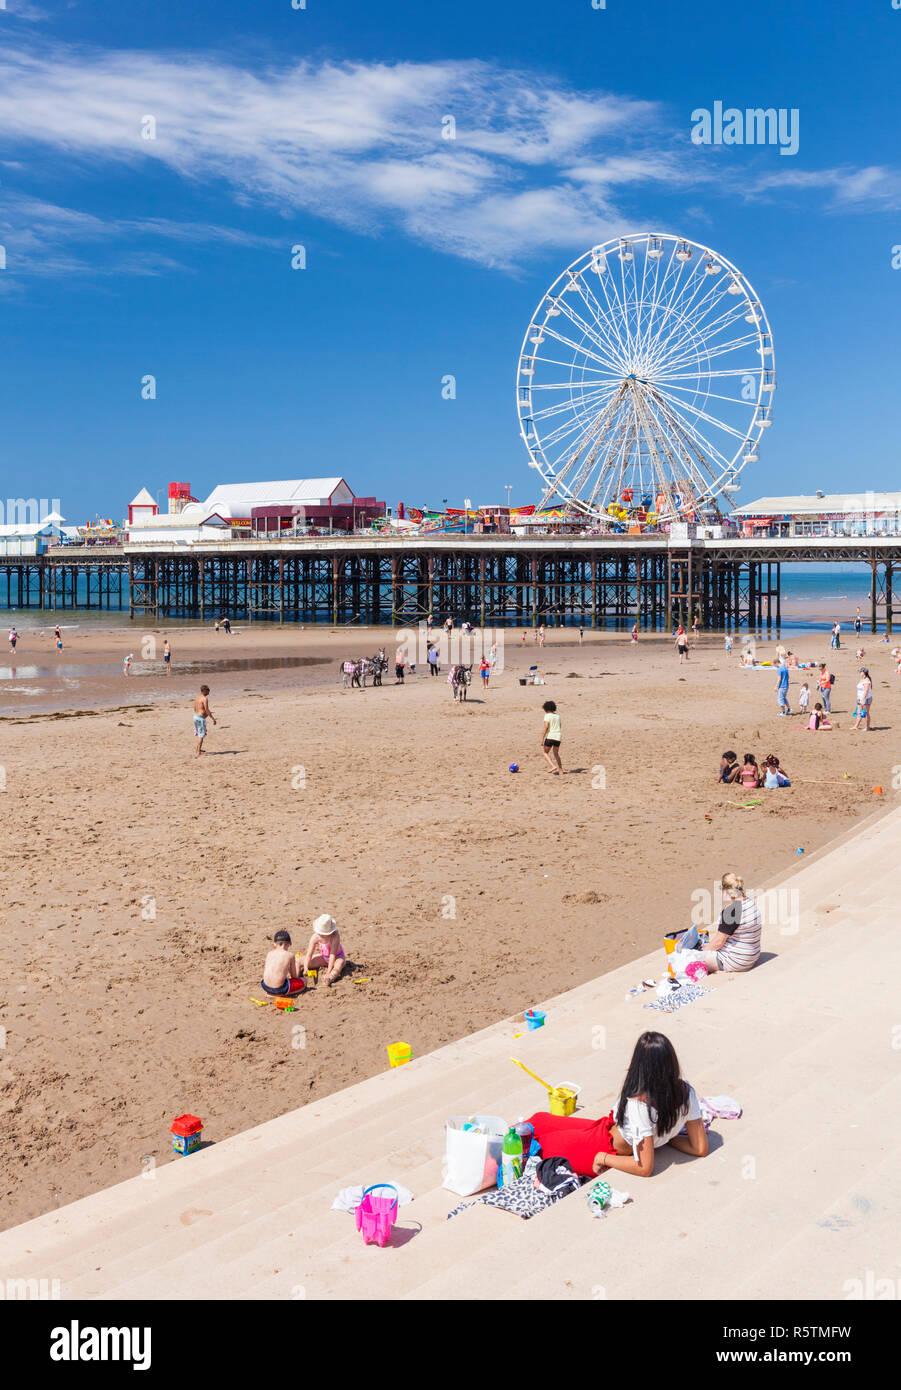 Playa de Blackpool noria de verano en Blackpool central pier Blackpool con la gente en la arena de la playa de Blackpool Lancashire Inglaterra GB Europa Imagen De Stock